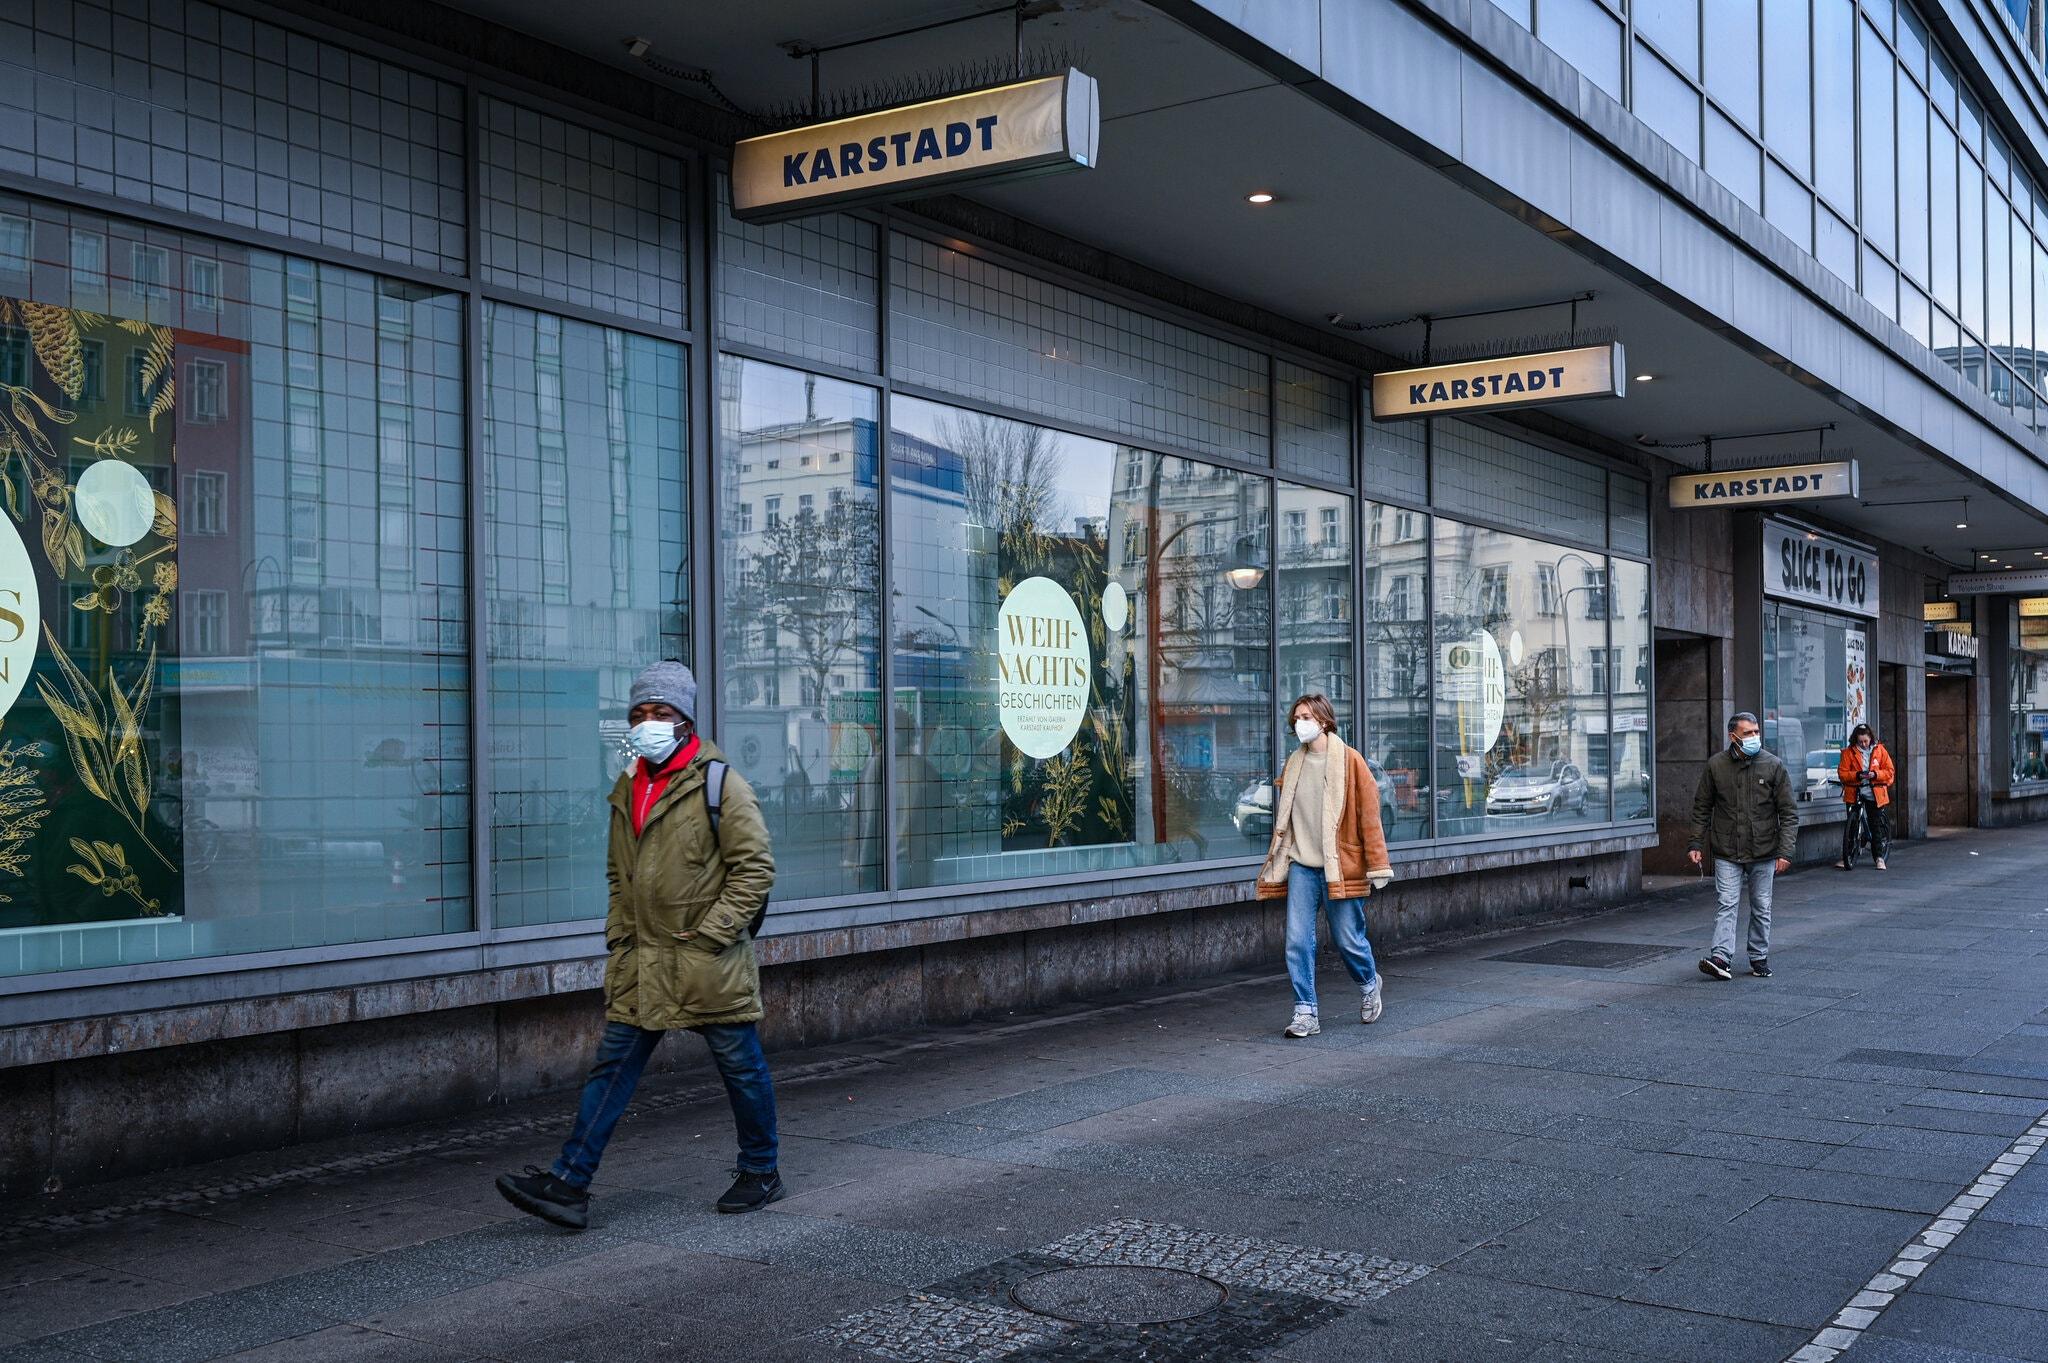 Người dân đi bộ bên ngoài các cửa hàng bị đóng ở Berlin. Ảnh: NY Times